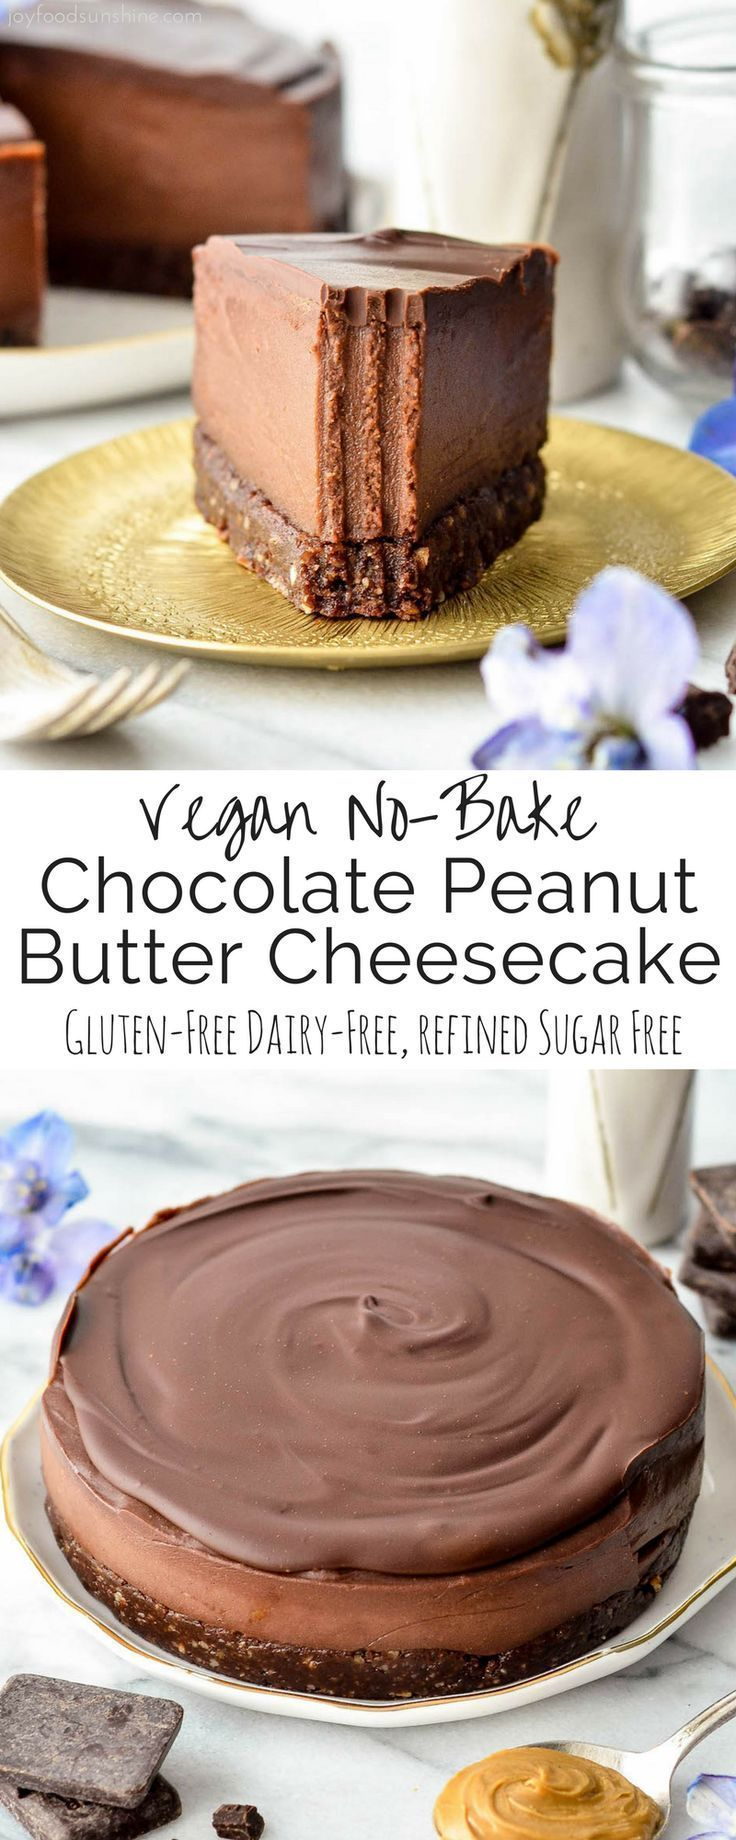 Dieses No-Bake Vegan Schokoladen Erdnussbutter Käsekuchen Rezept ist ein ... - #dieses #Ein #Erdnussbutter #ist #Käsekuchen #NoBake #Rezept #Schokoladen #Vegan #healthychocolateshakes